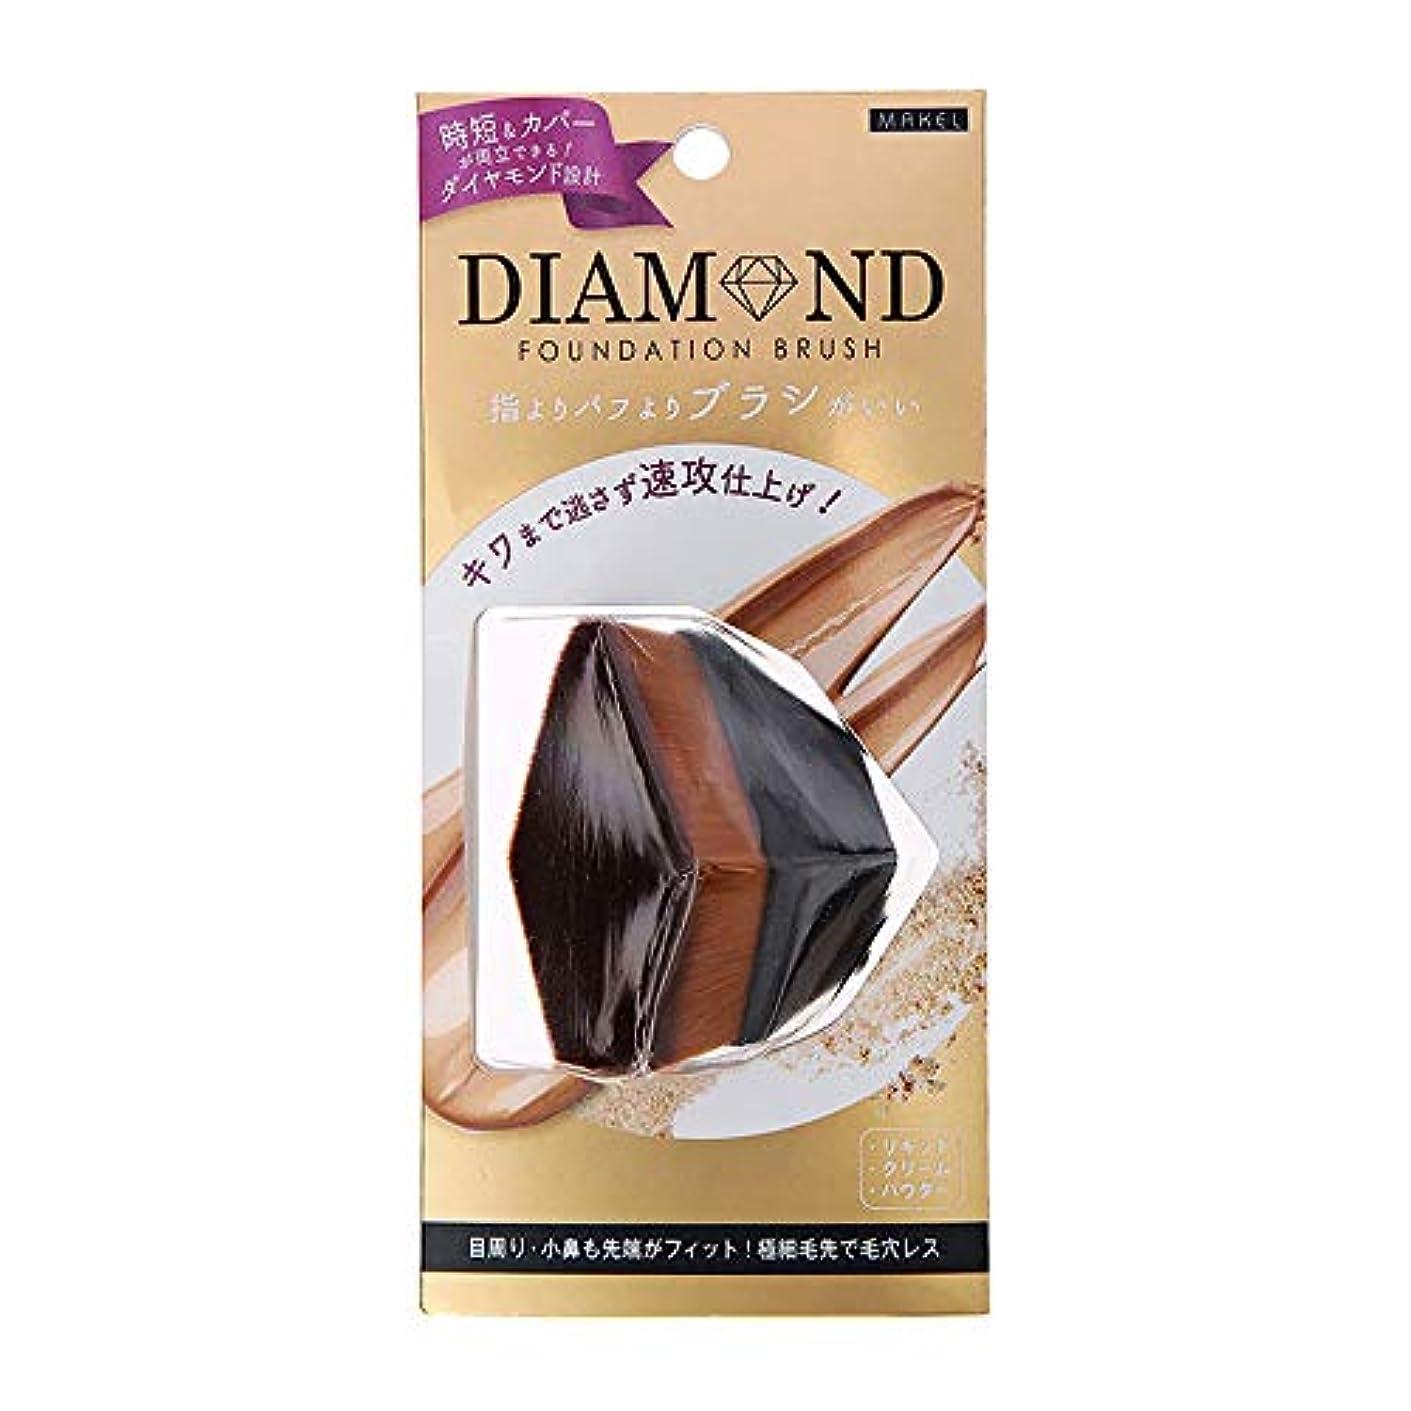 メロディアス自治タッチダイヤモンドファンデーションブラシ(ブラック) DIB1500